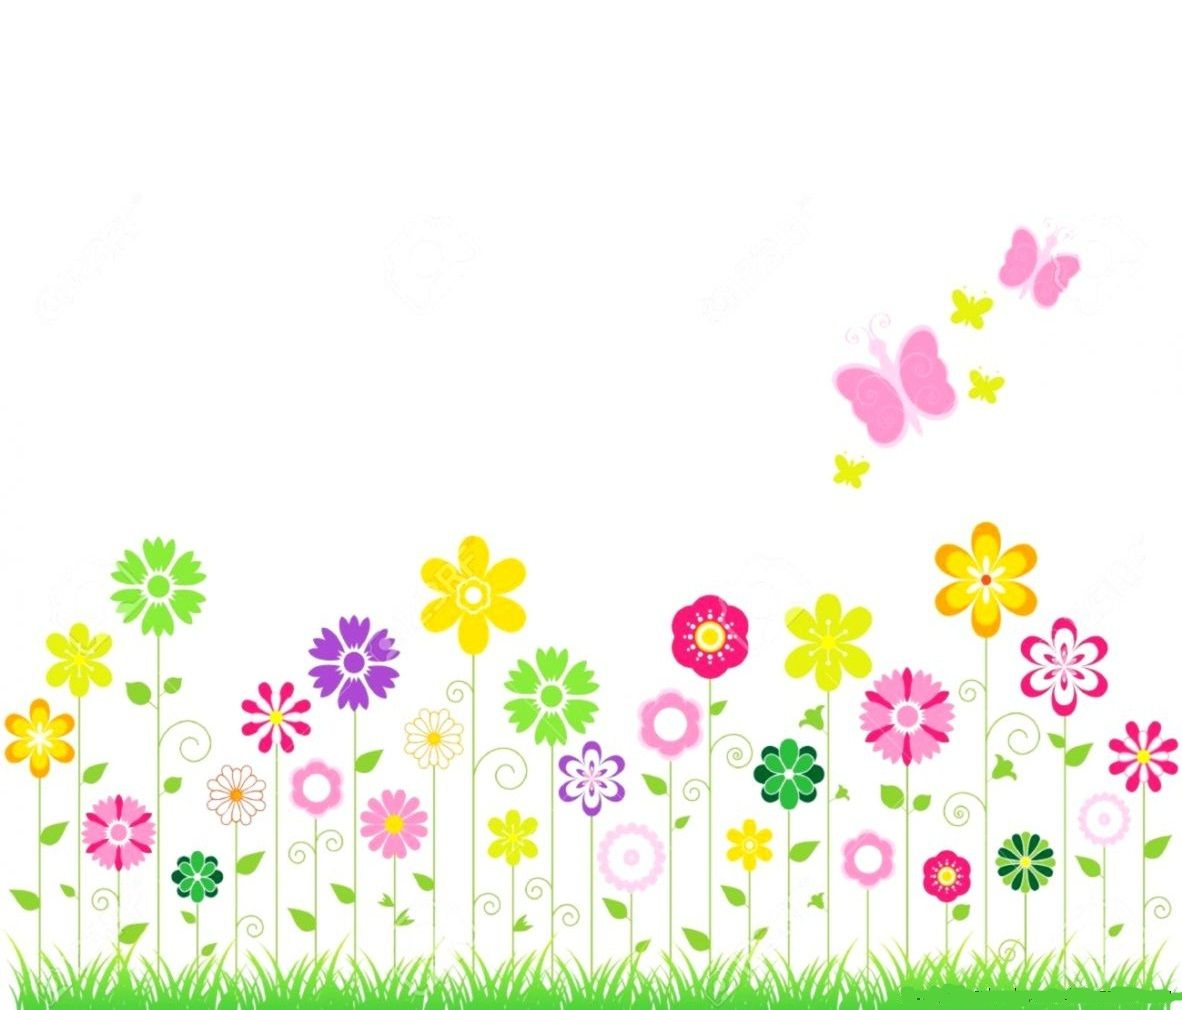 pin by shaheen shafique on elegant boards frames pinterest elegant rh pinterest co uk spring flowers clip art banner Spring Flower Border Clip Art